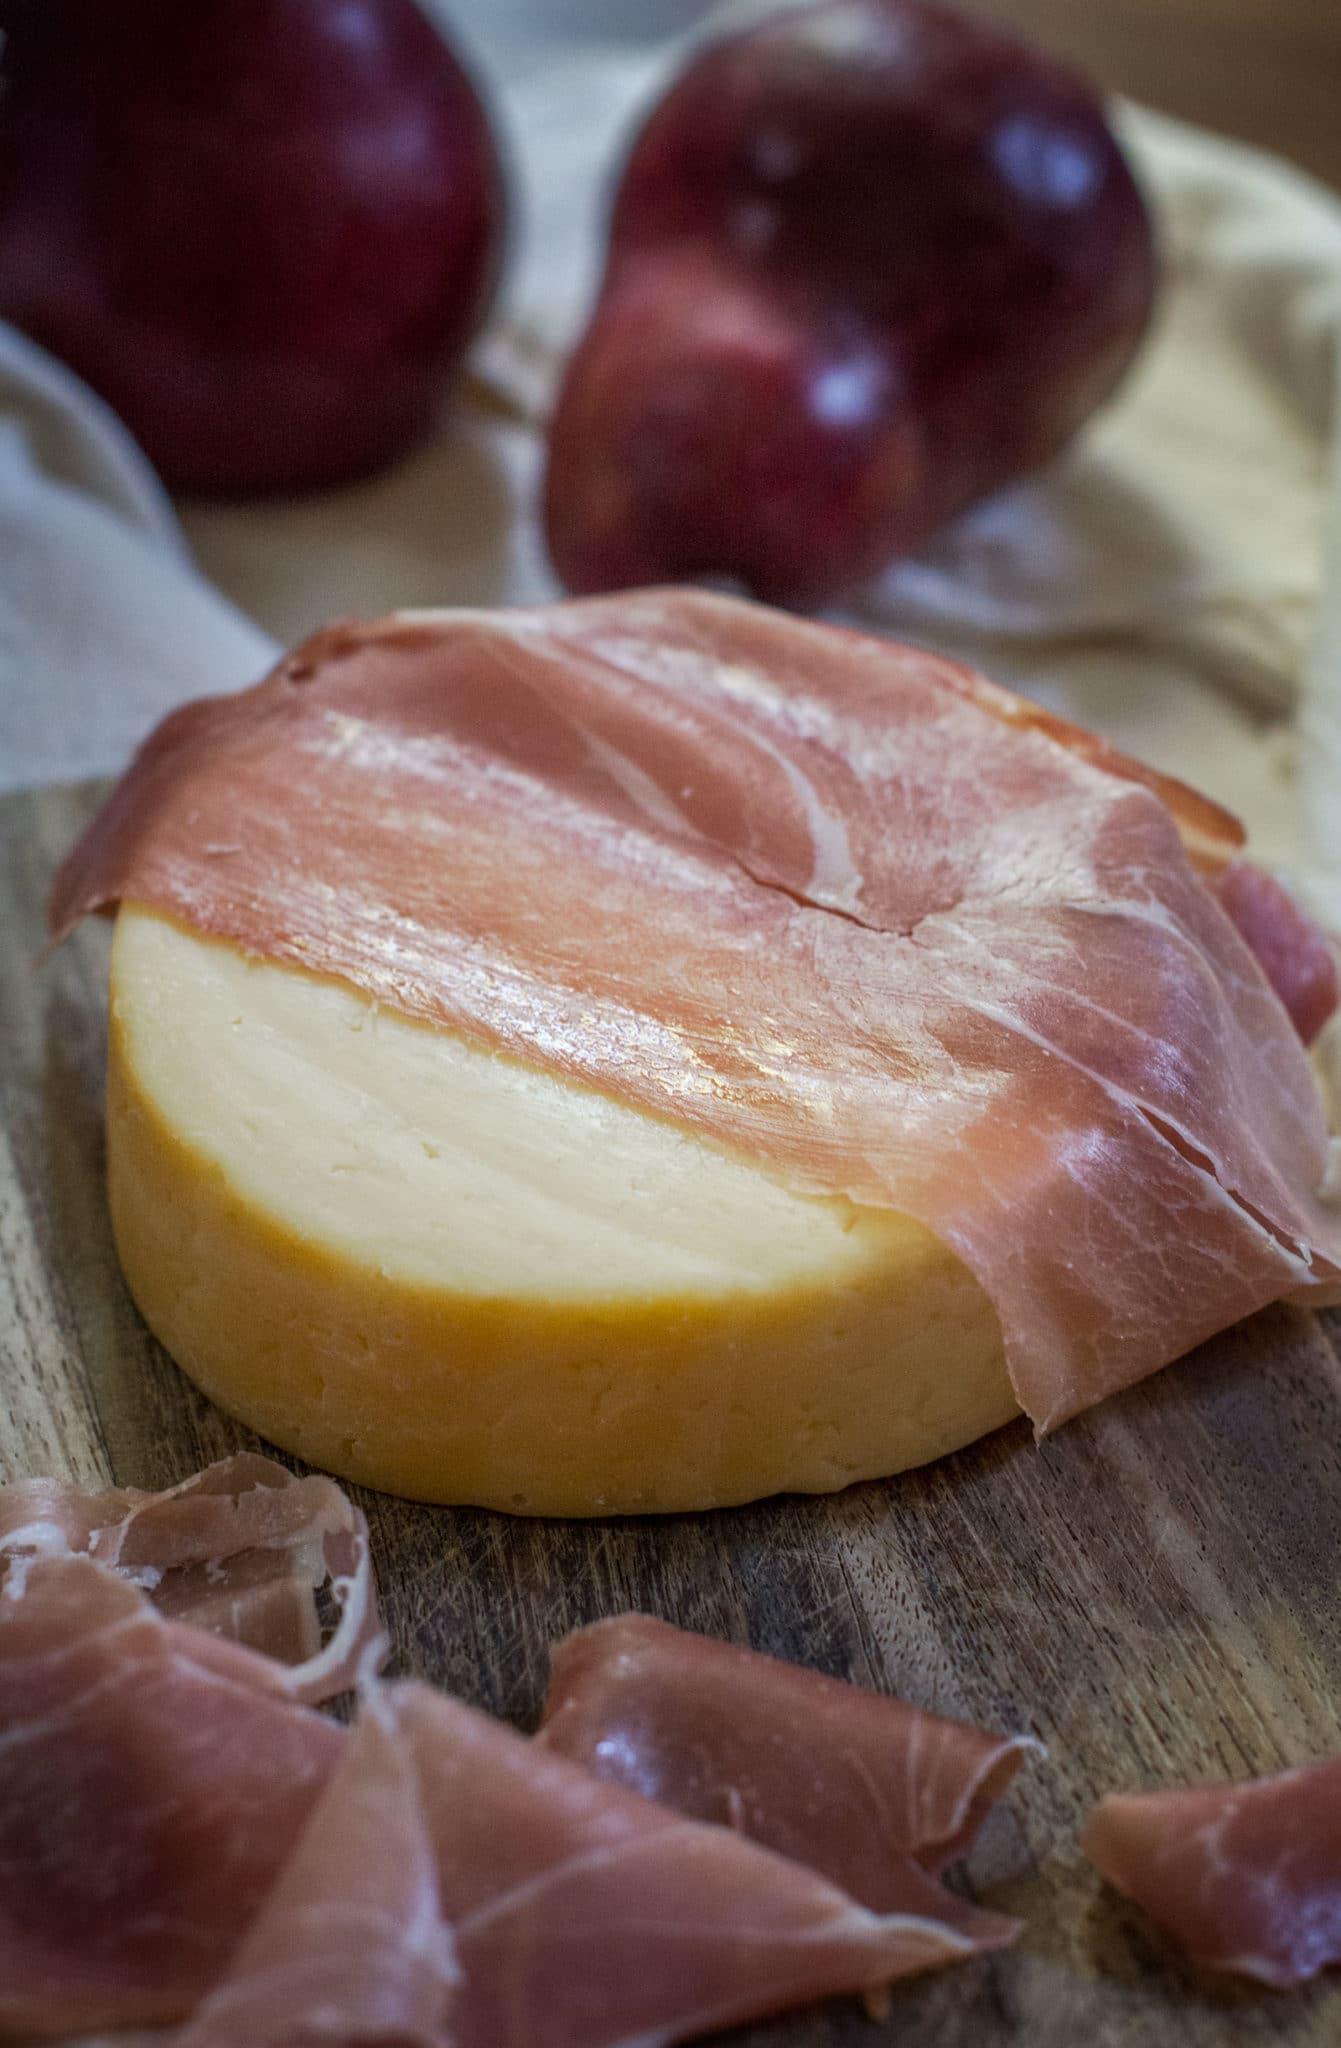 Prosciutto wrapped smoked Gouda cheese